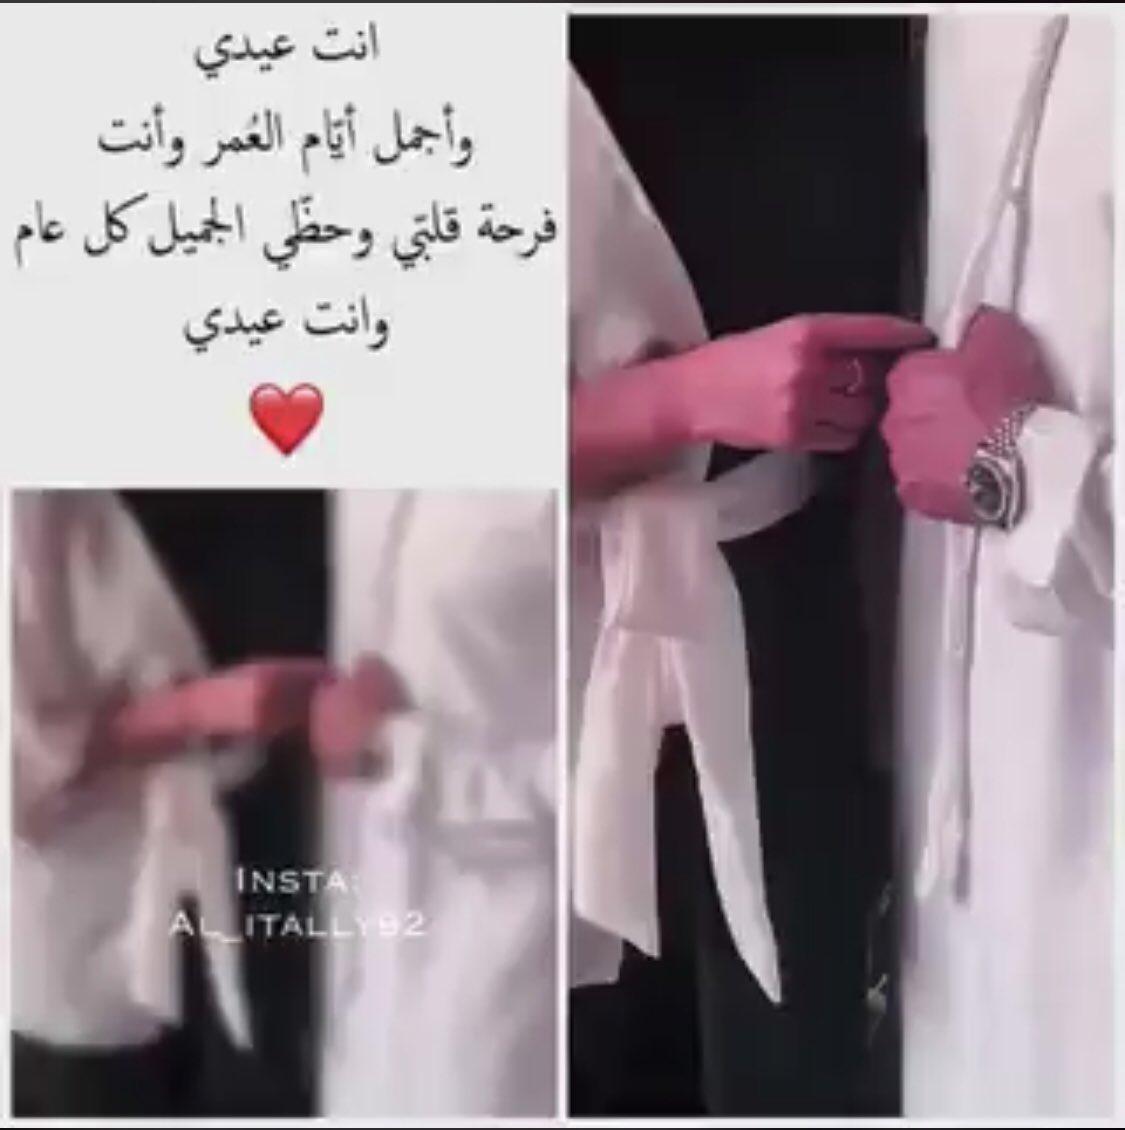 س يد ة النس اء M On Twitter عيد الاضحي المبارك2019 إنت